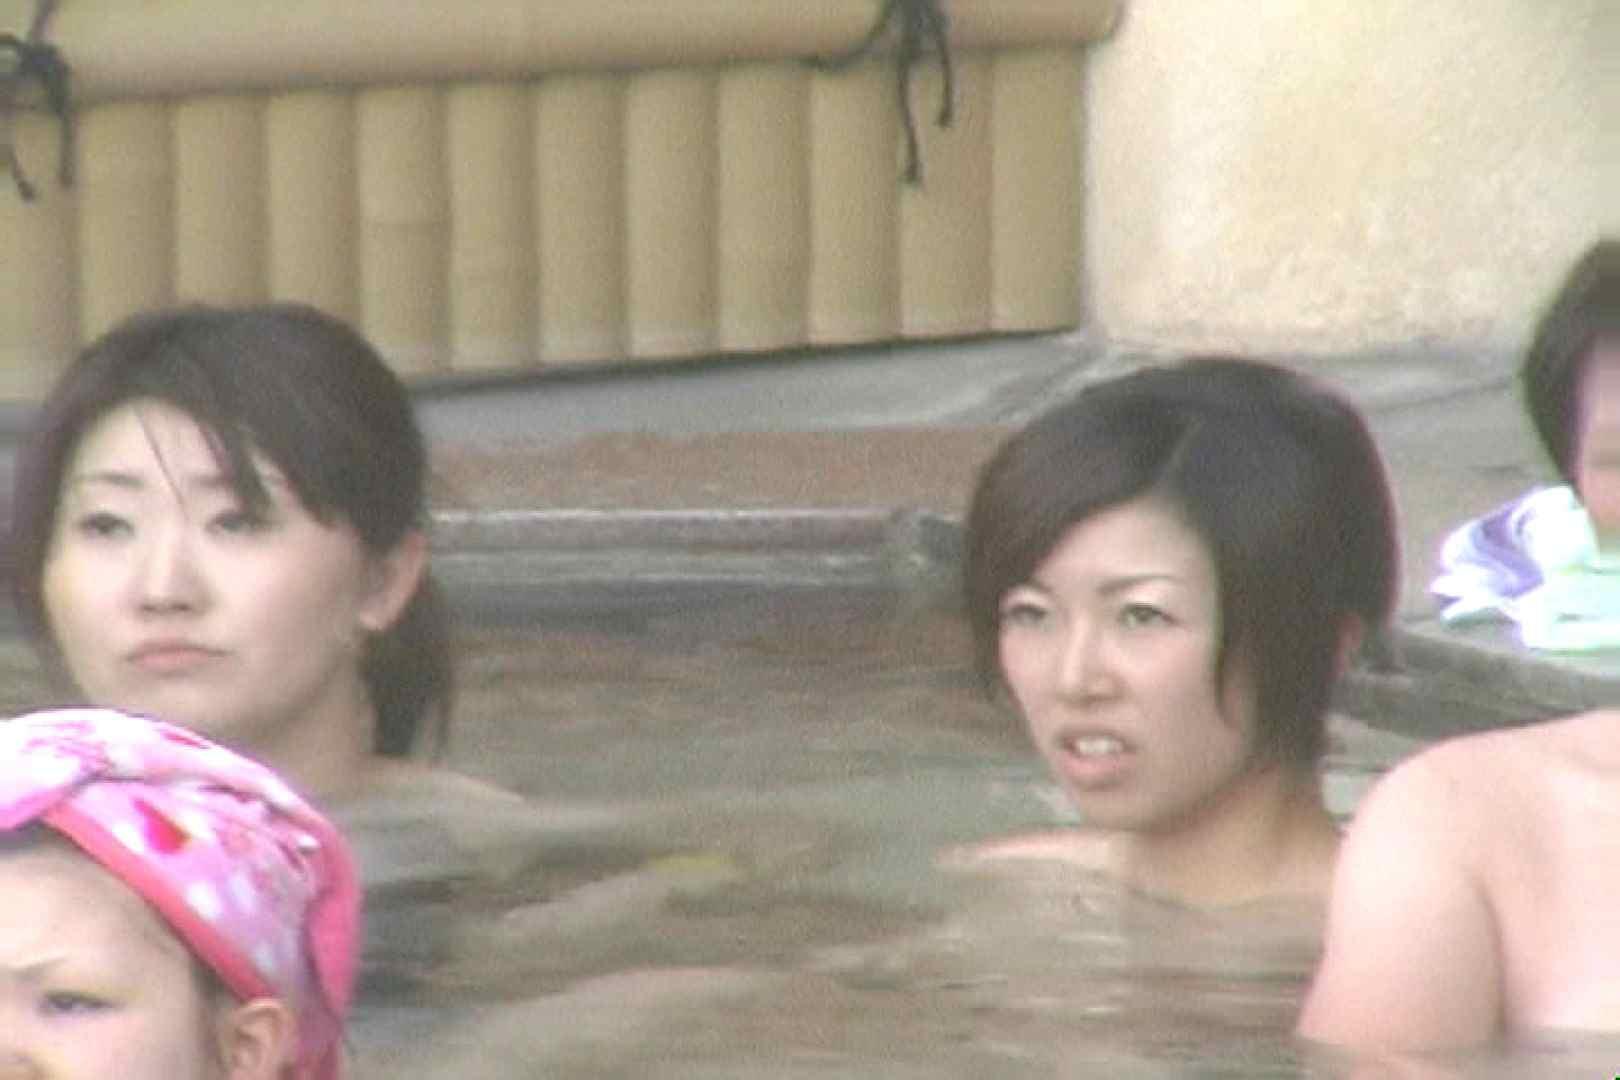 Aquaな露天風呂Vol.25 露天   盗撮特集  106画像 33